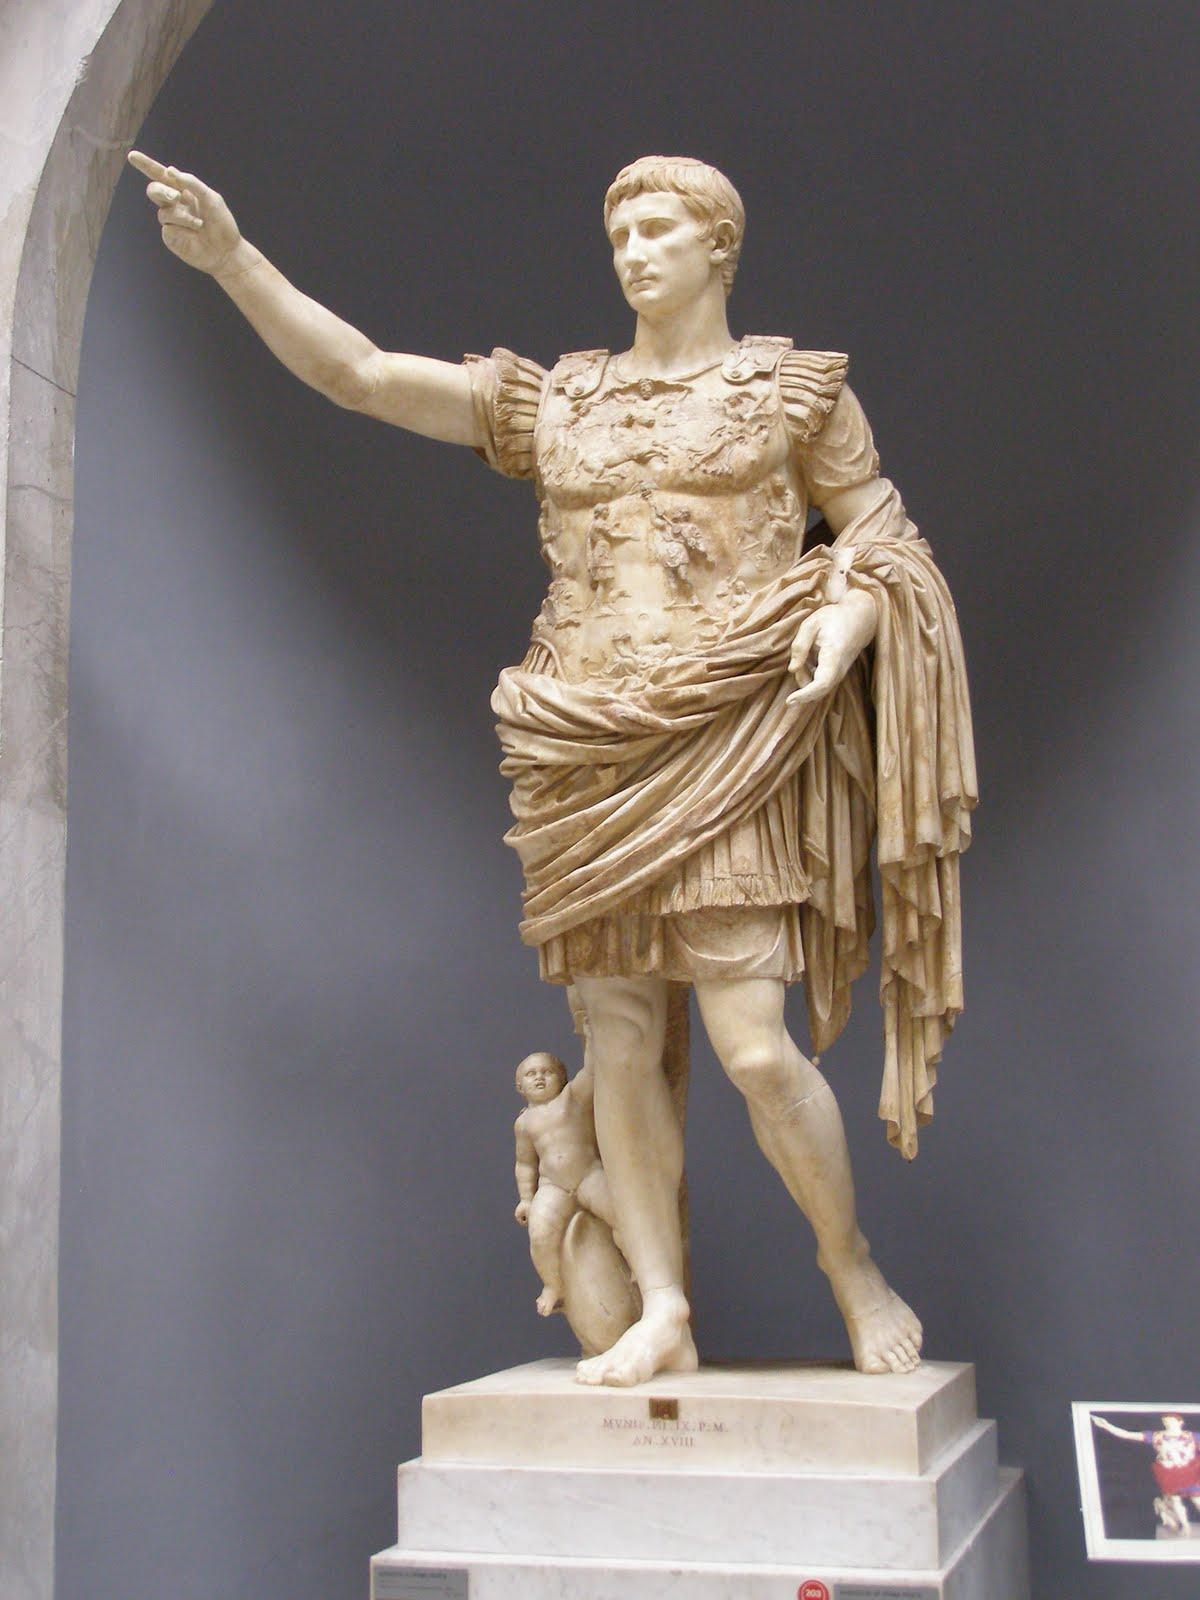 Historia del arte an lisis de una escultura romana for Augusto roma